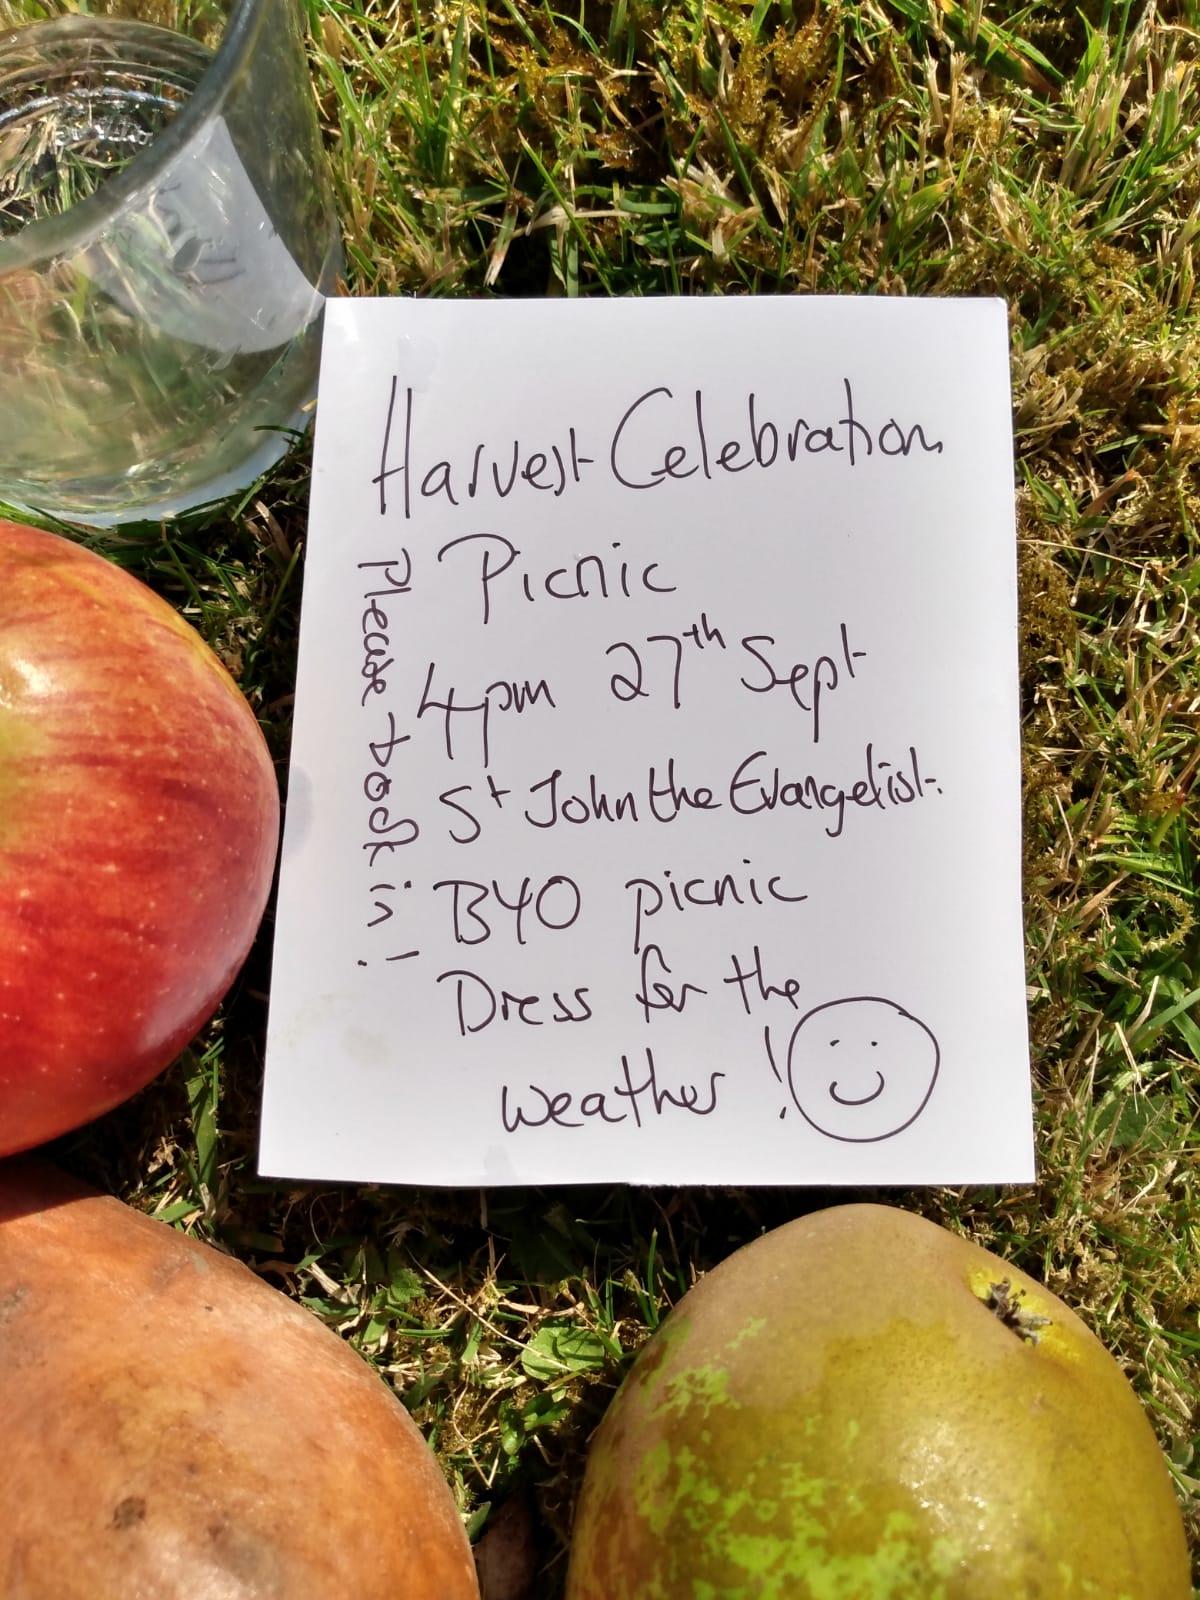 Harvest picnic at St John the Evangelist church, Hucknall